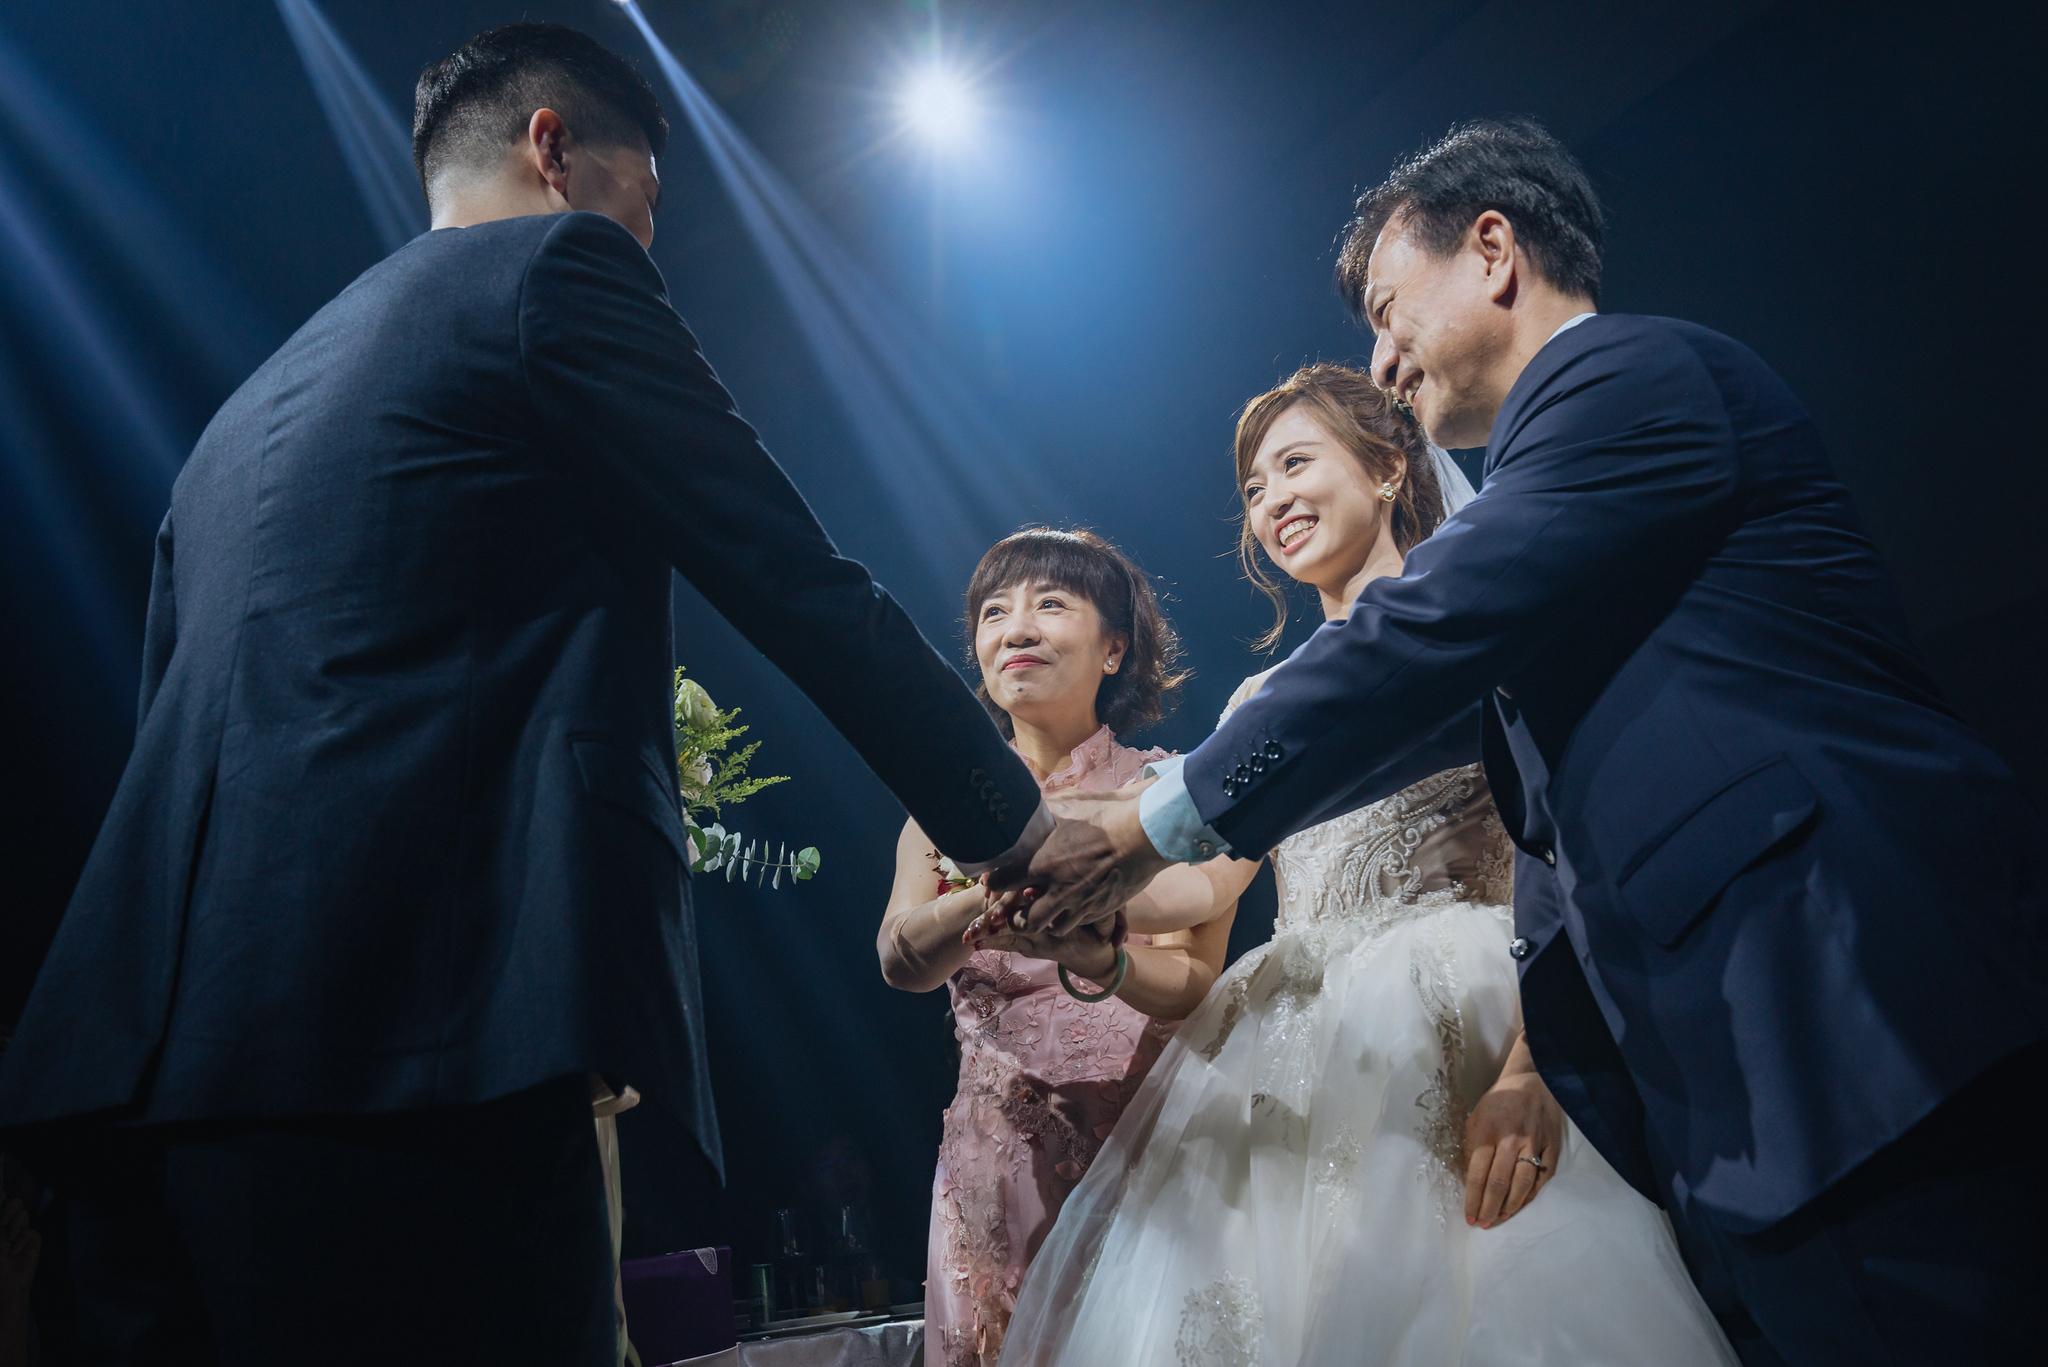 婚禮紀錄, Donfer, EW, 東法, 台北婚攝, 藝術婚攝, 雙攝影師